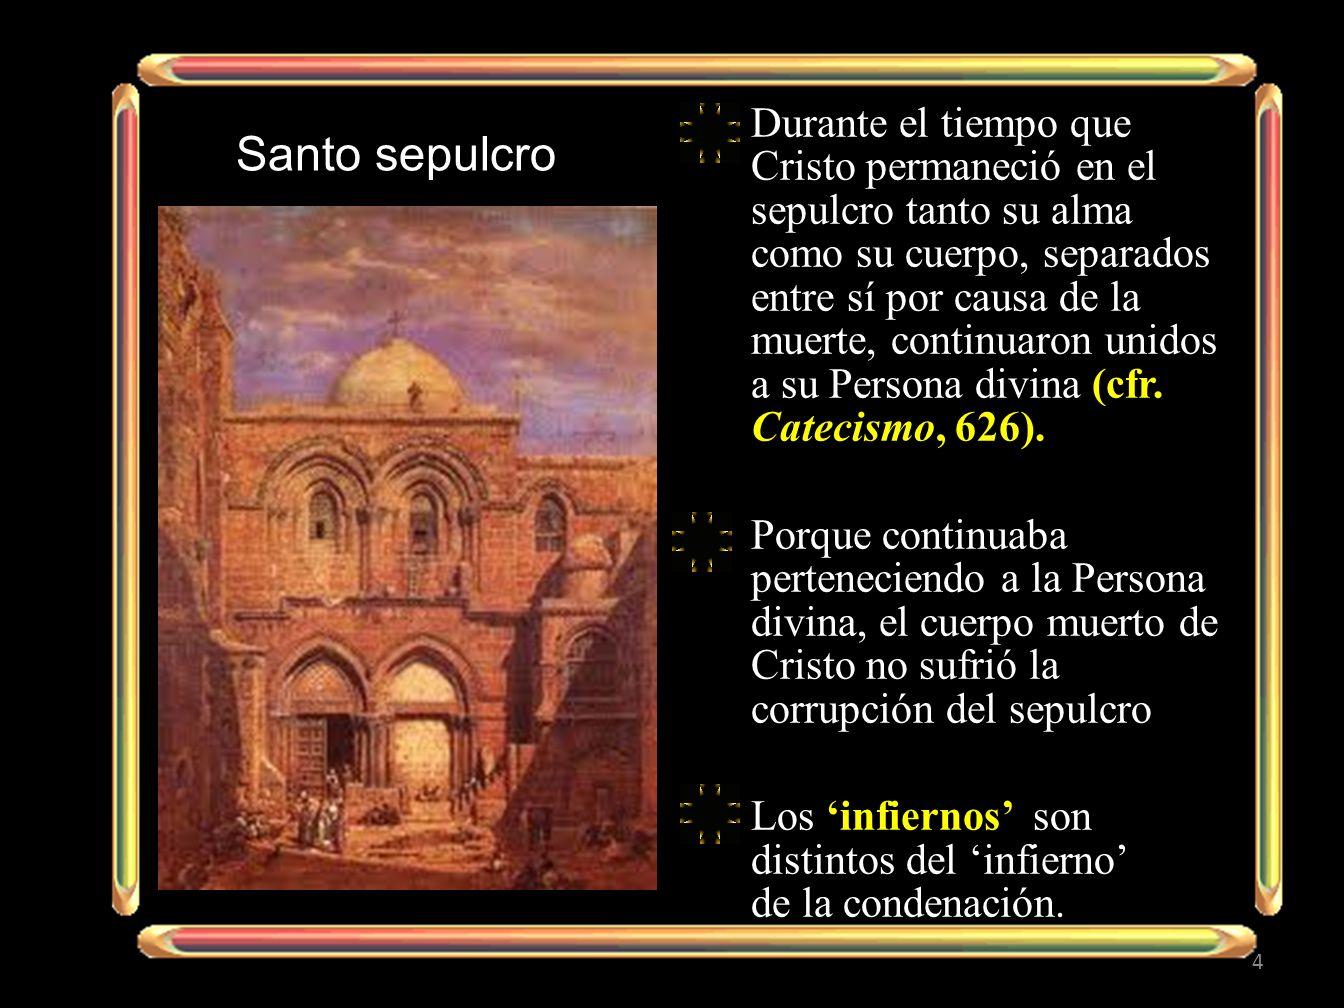 Durante el tiempo que Cristo permaneció en el sepulcro tanto su alma como su cuerpo, separados entre sí por causa de la muerte, continuaron unidos a su Persona divina (cfr. Catecismo, 626).